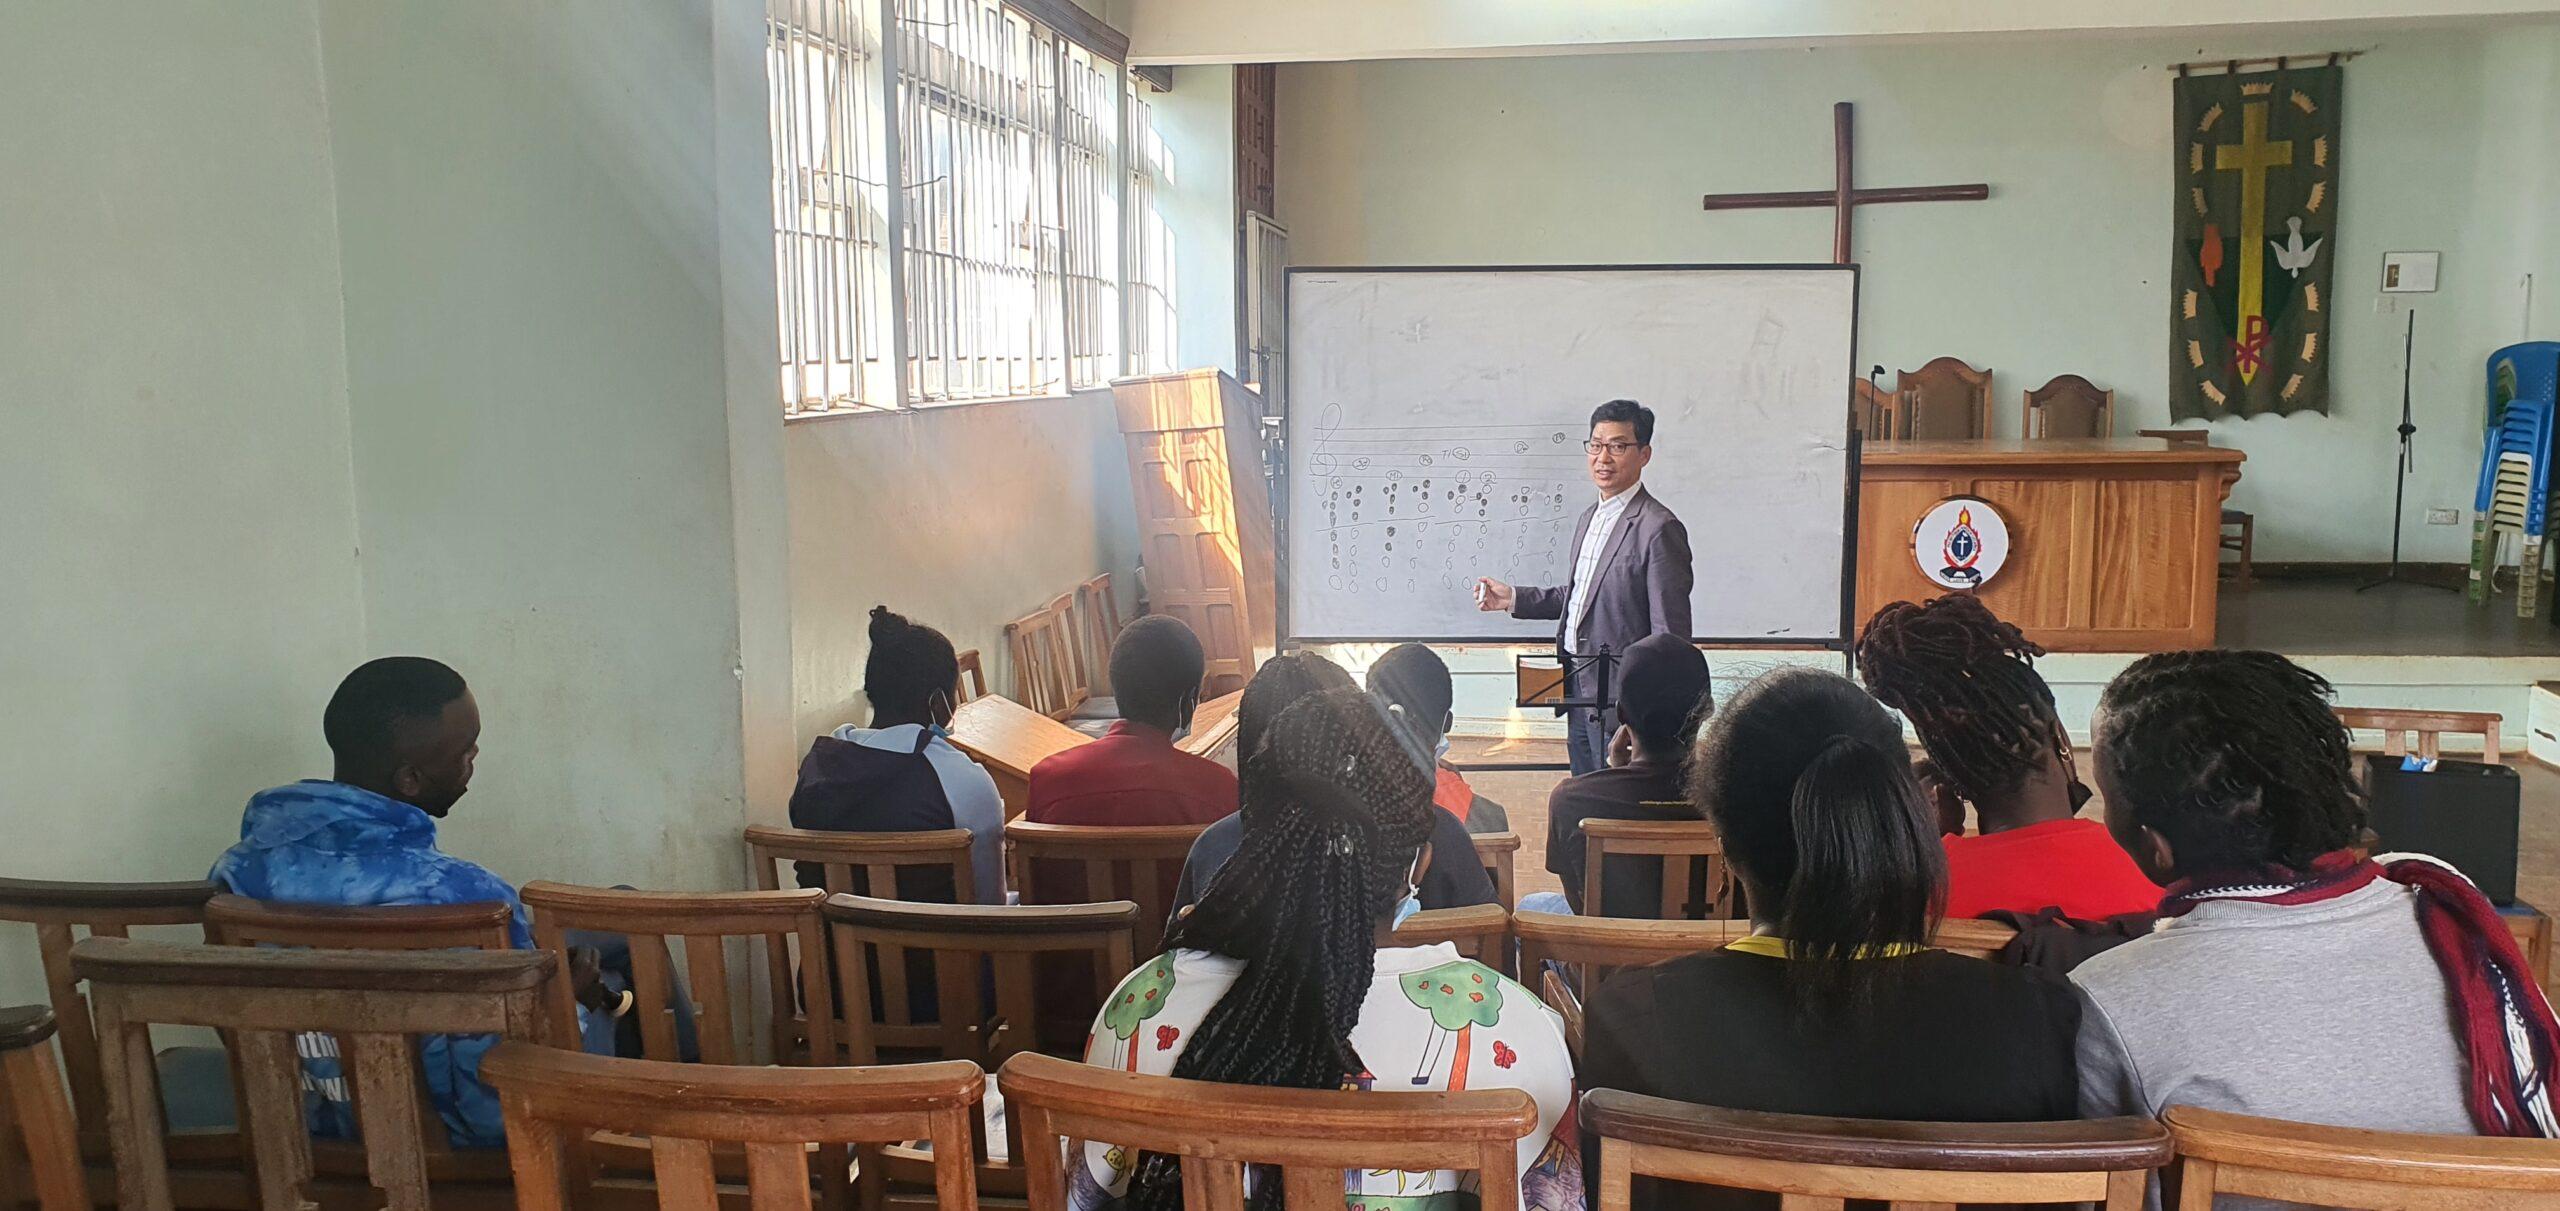 Puea대학교 합창리코더 이론수업중인 케냐 김철원 선교사